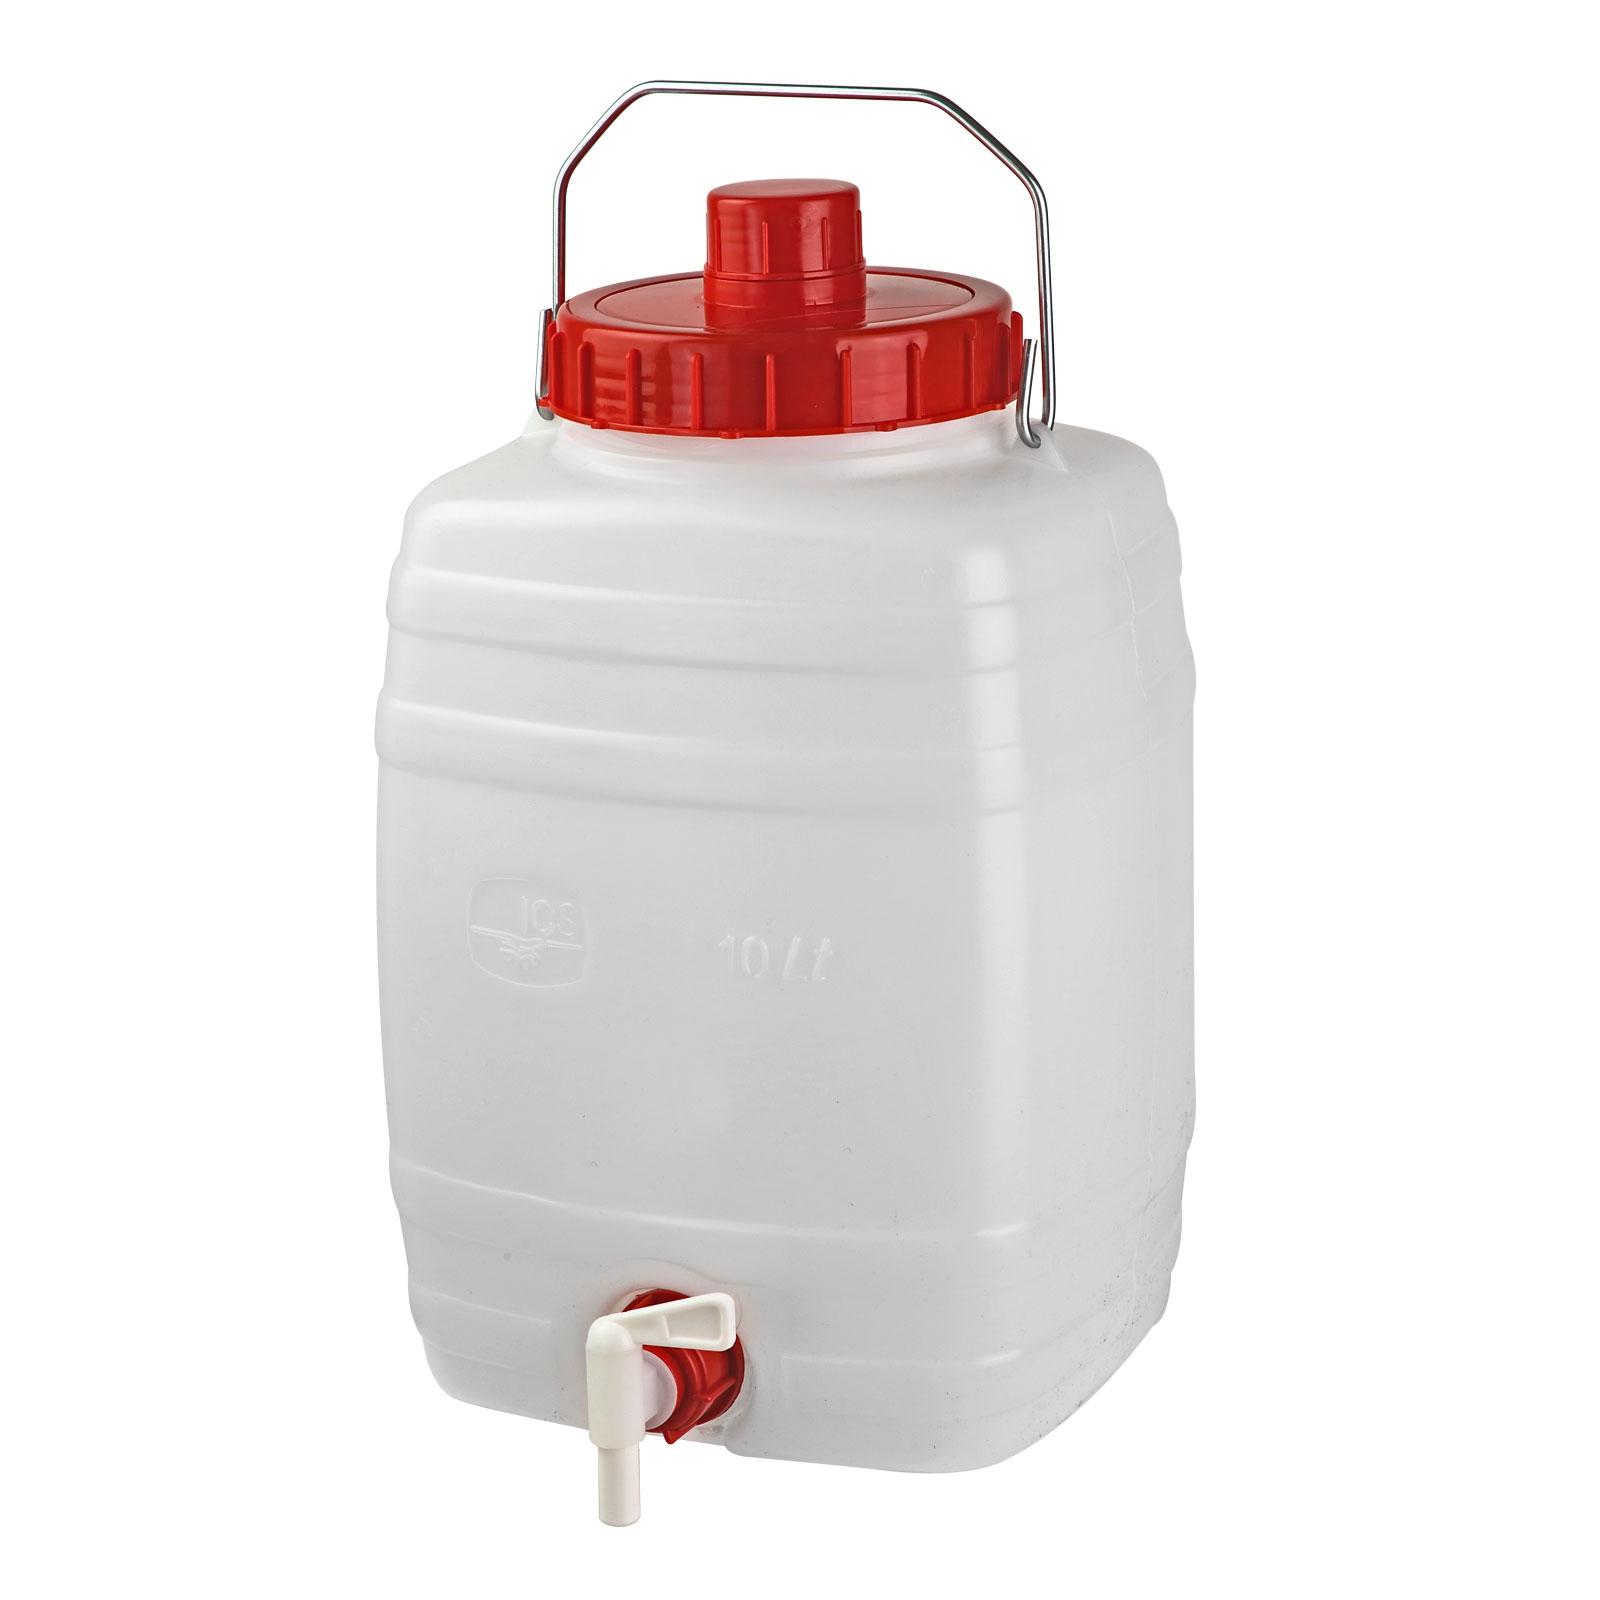 Dema Gärfass Maischefass Mostfass Weinfass Gärbehälter 10-25 Liter 30160